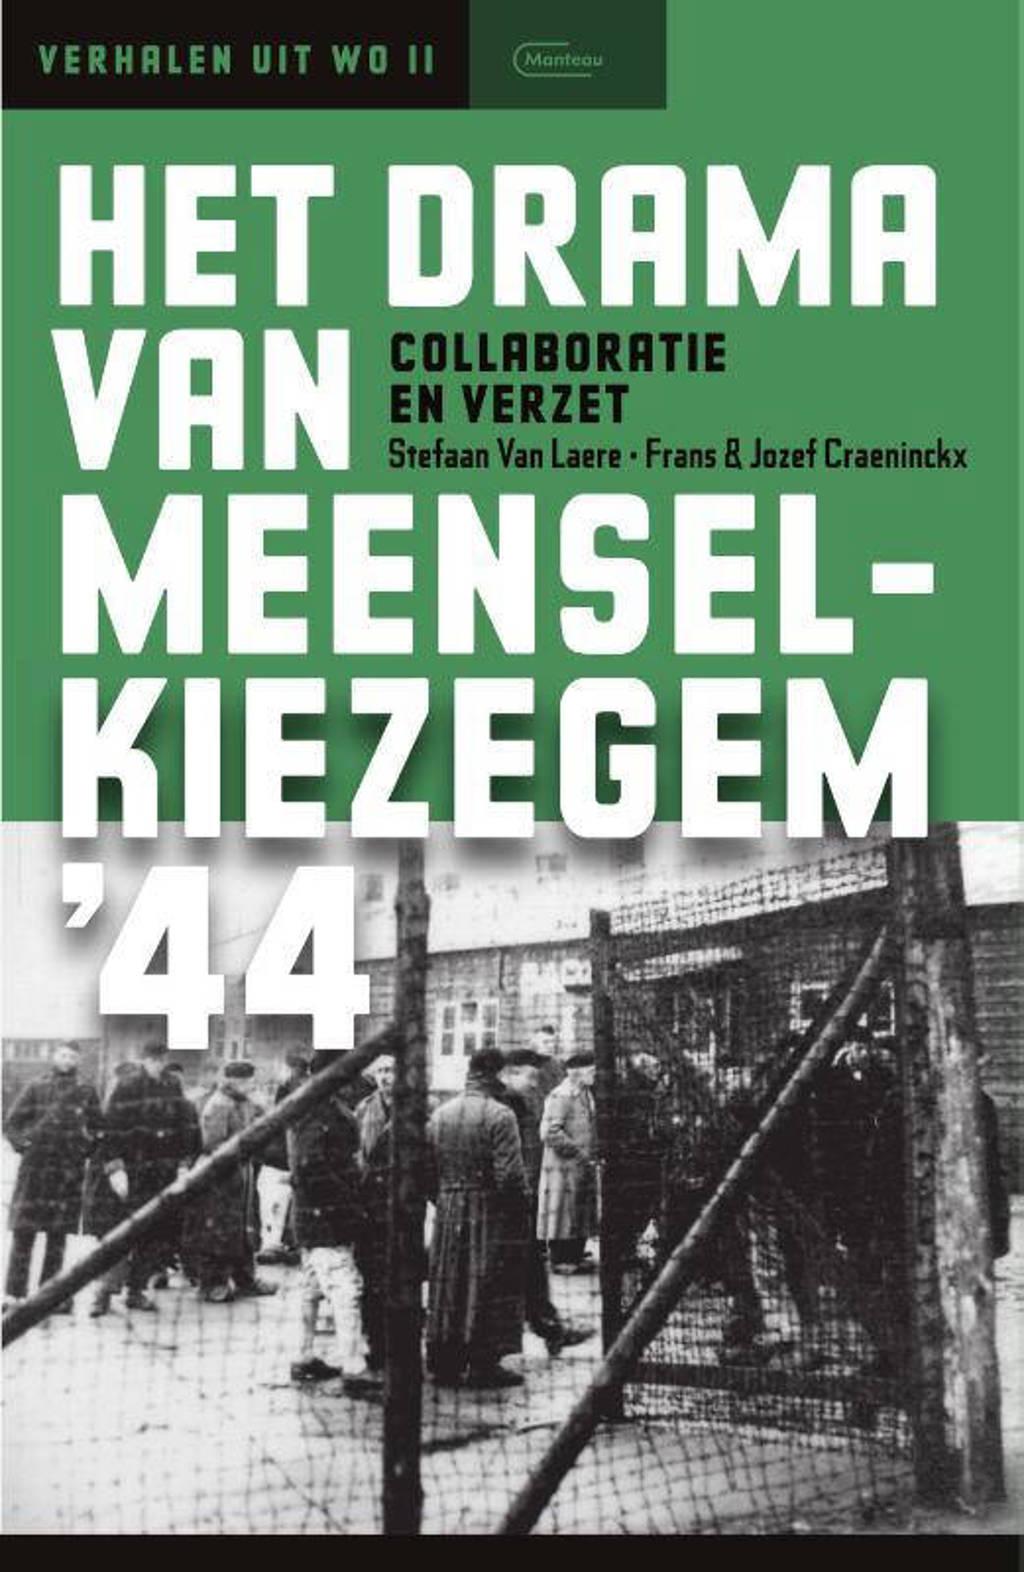 Het drama van Meensel-Kiezegem '44 - Stefaan Van Laere en Frans & Jozef Craeninckx